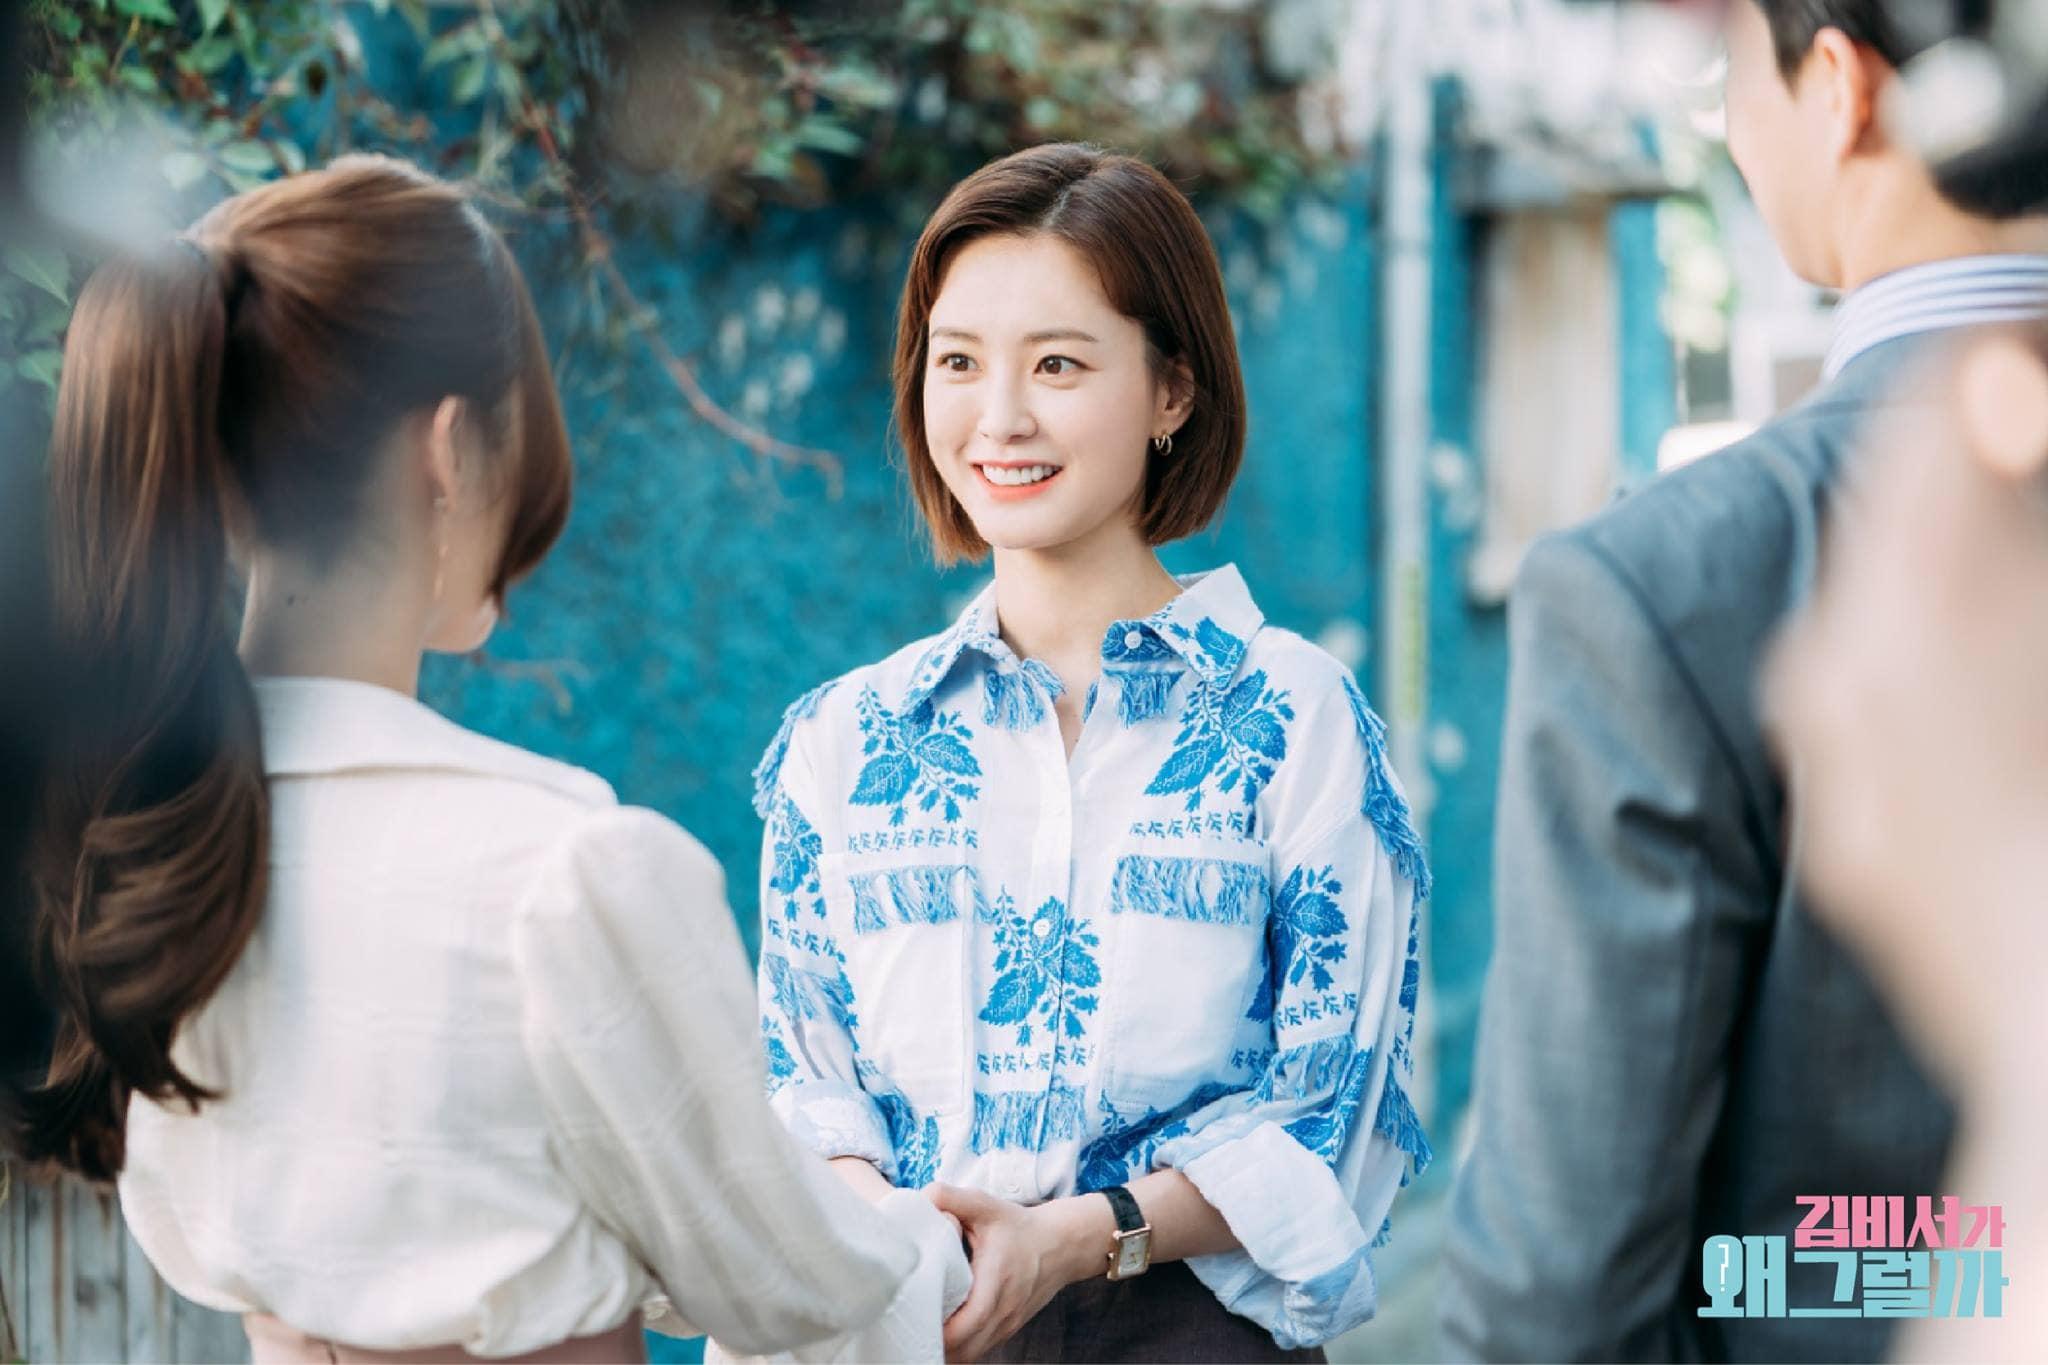 Phim tâm lý, tình cảm: Phó chủ tịch Lee có bạn gái xinh đẹp khiến thư ký Kim ghen tuông Jung-Yu-Mi-1